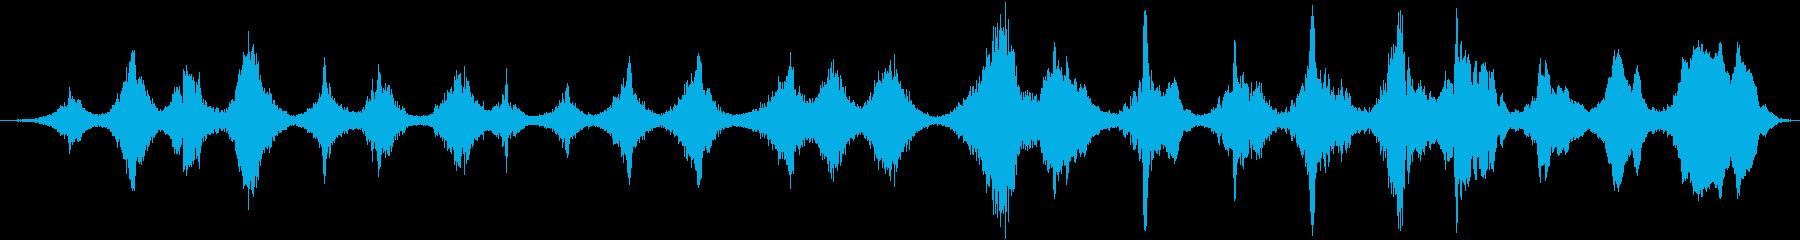 スロースパイラルトーンドローンの再生済みの波形